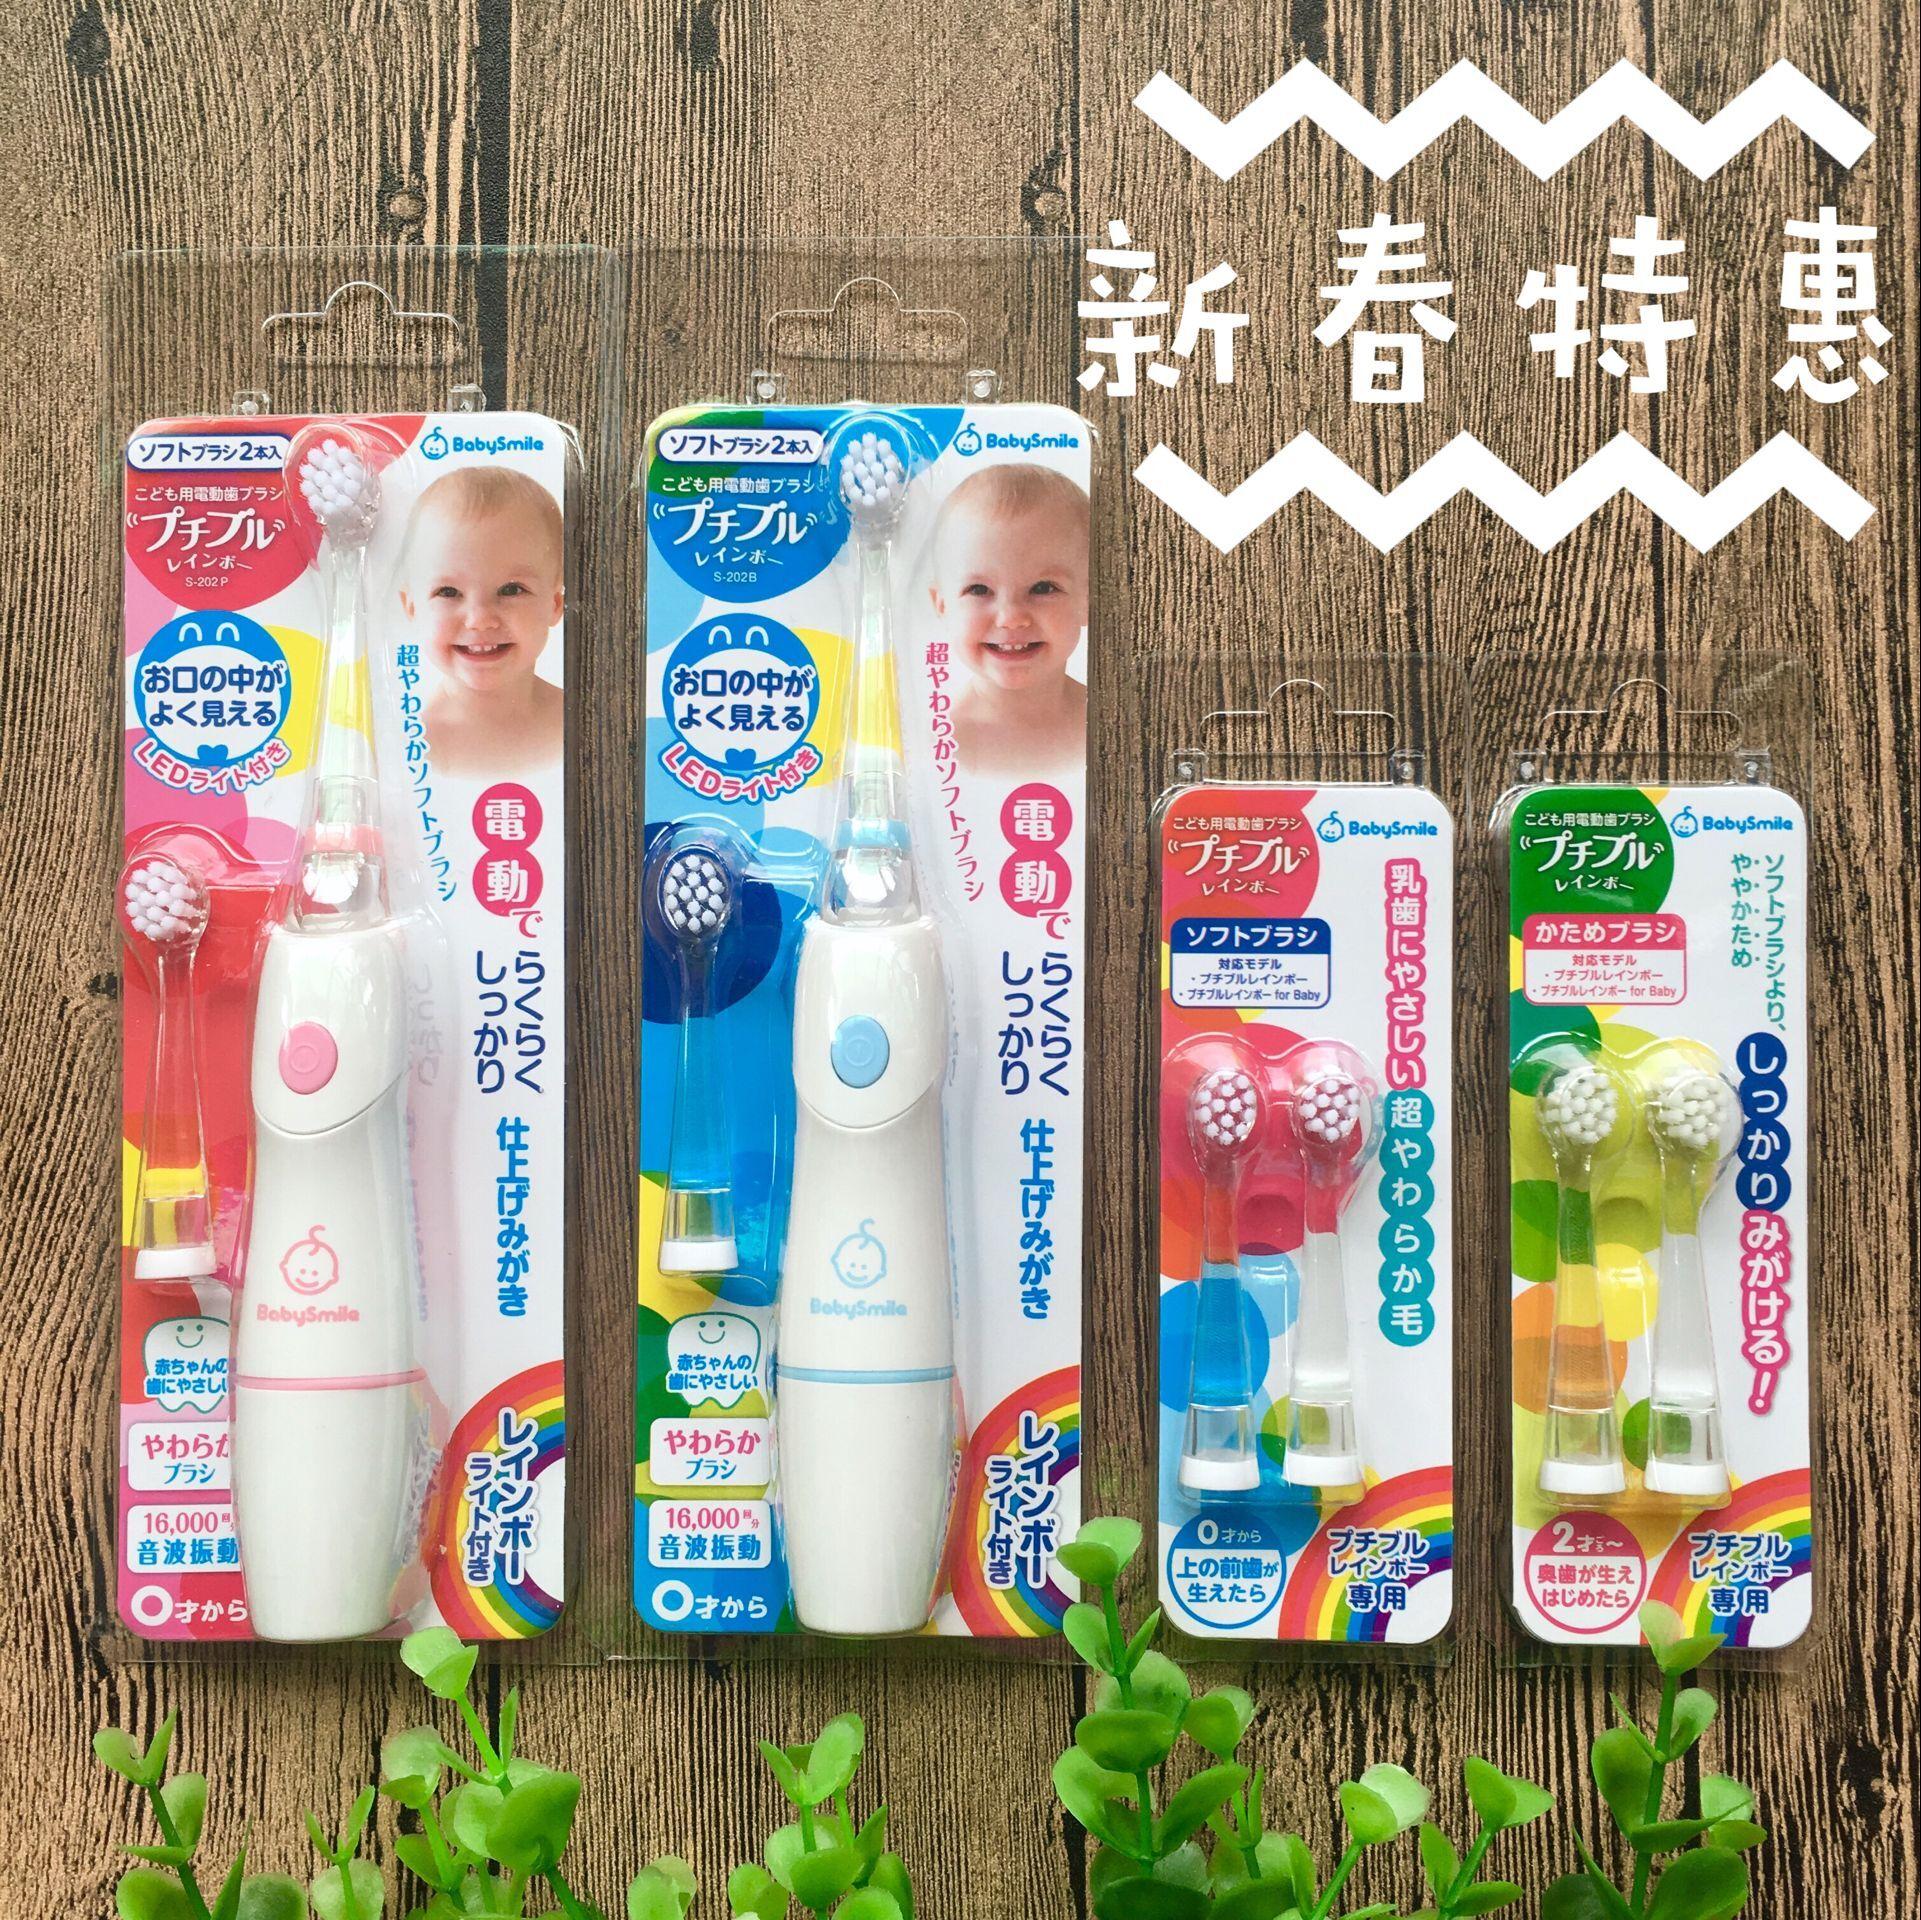 【 сейчас в надичии 】 япония подлинный babysmile ребенок электрический зубная щетка замена кисти baby smile